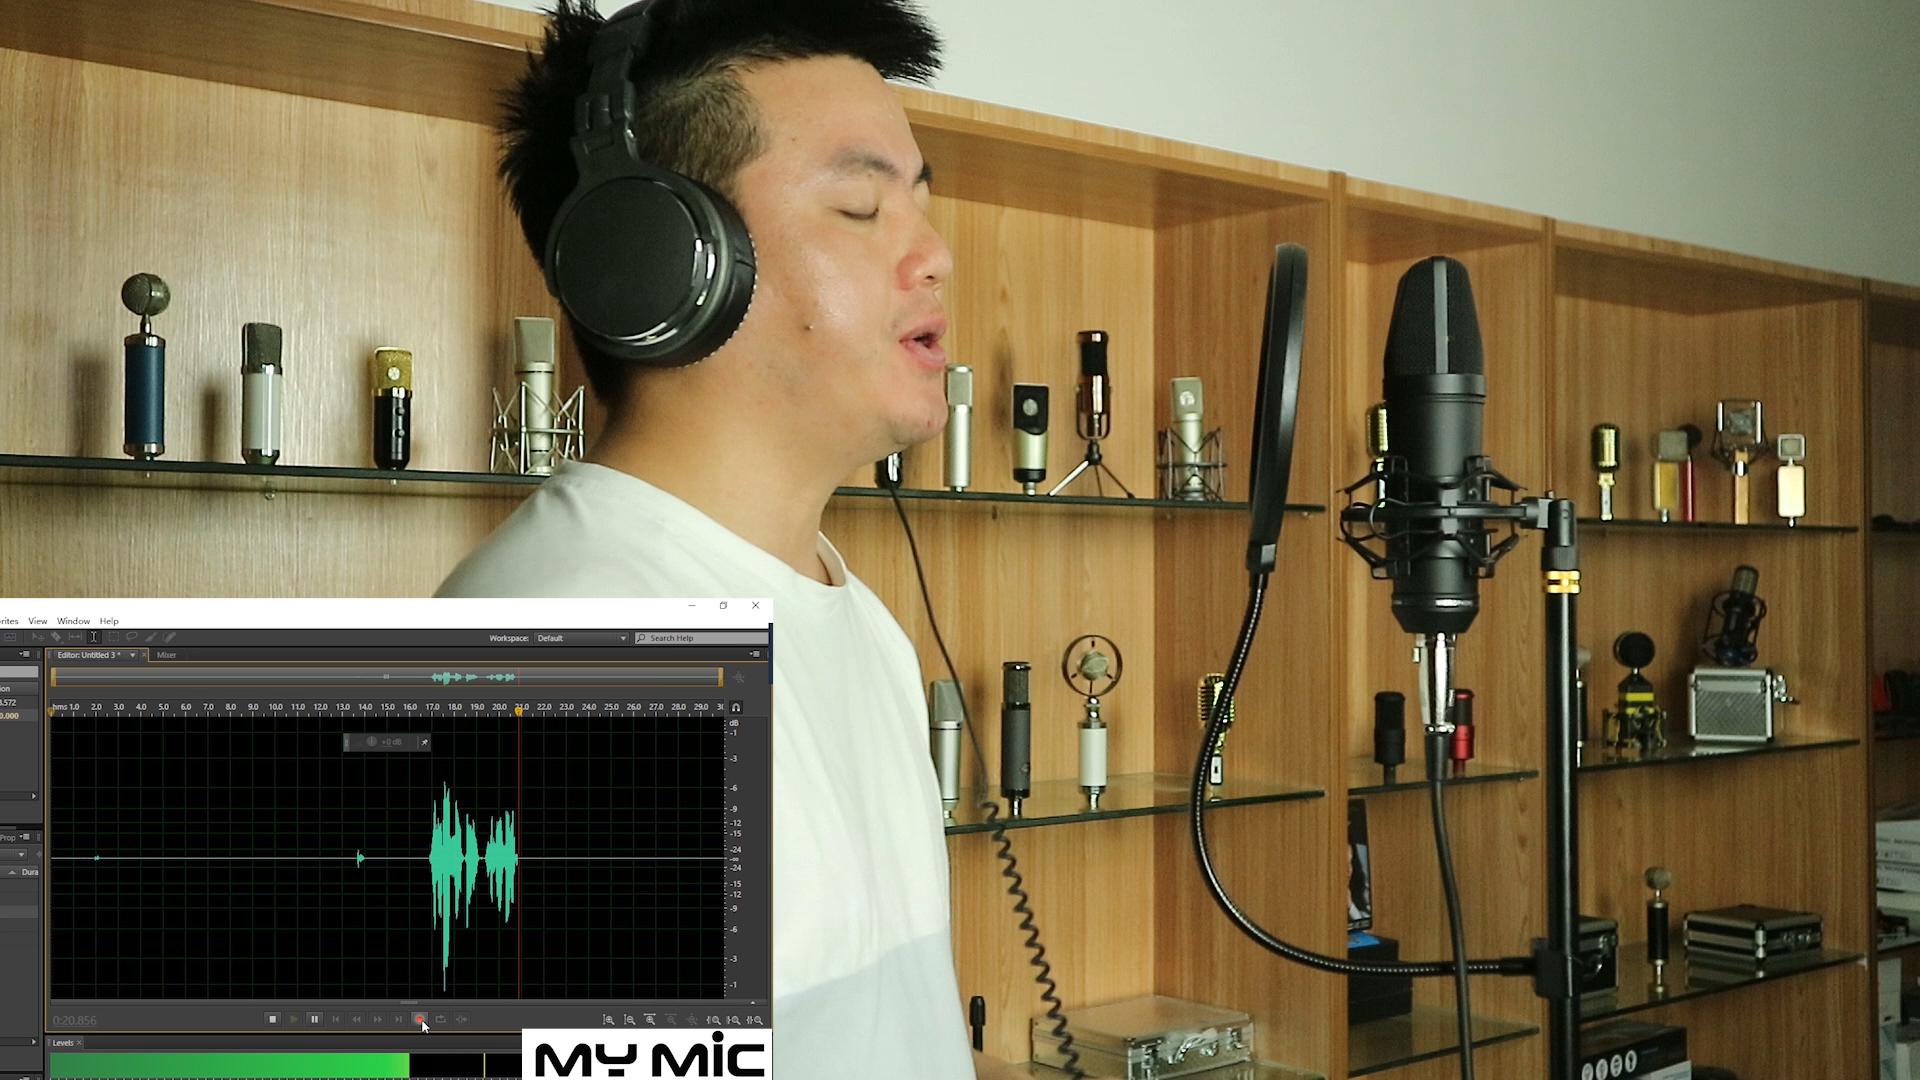 Của Tôi Mic Thiết Kế Mới U87B Chuyên Nghiệp Dây Condenser Hoành Lớn Studio Microphone Với XLR Cho Ghi Âm Ca Hát Phát Sóng